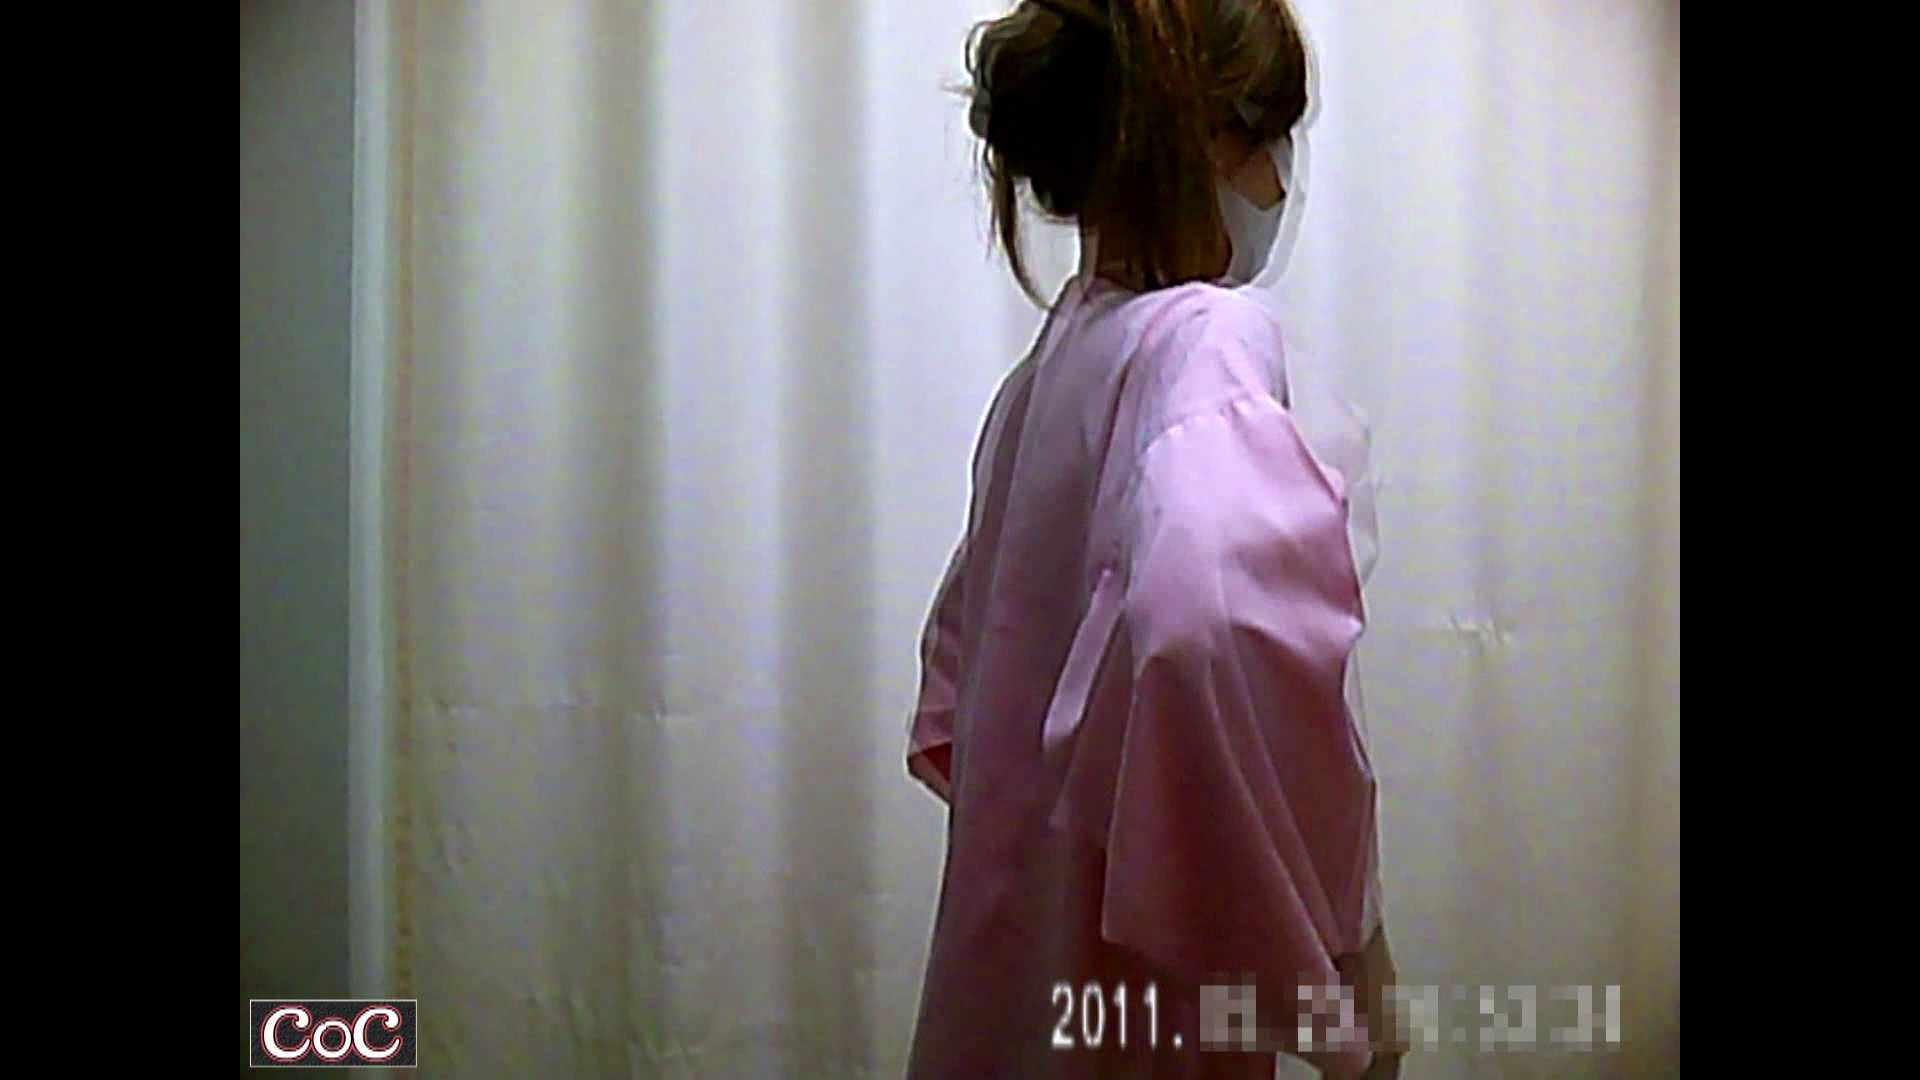 病院おもいっきり着替え! vol.125 盗撮 ワレメ動画紹介 57pic 24